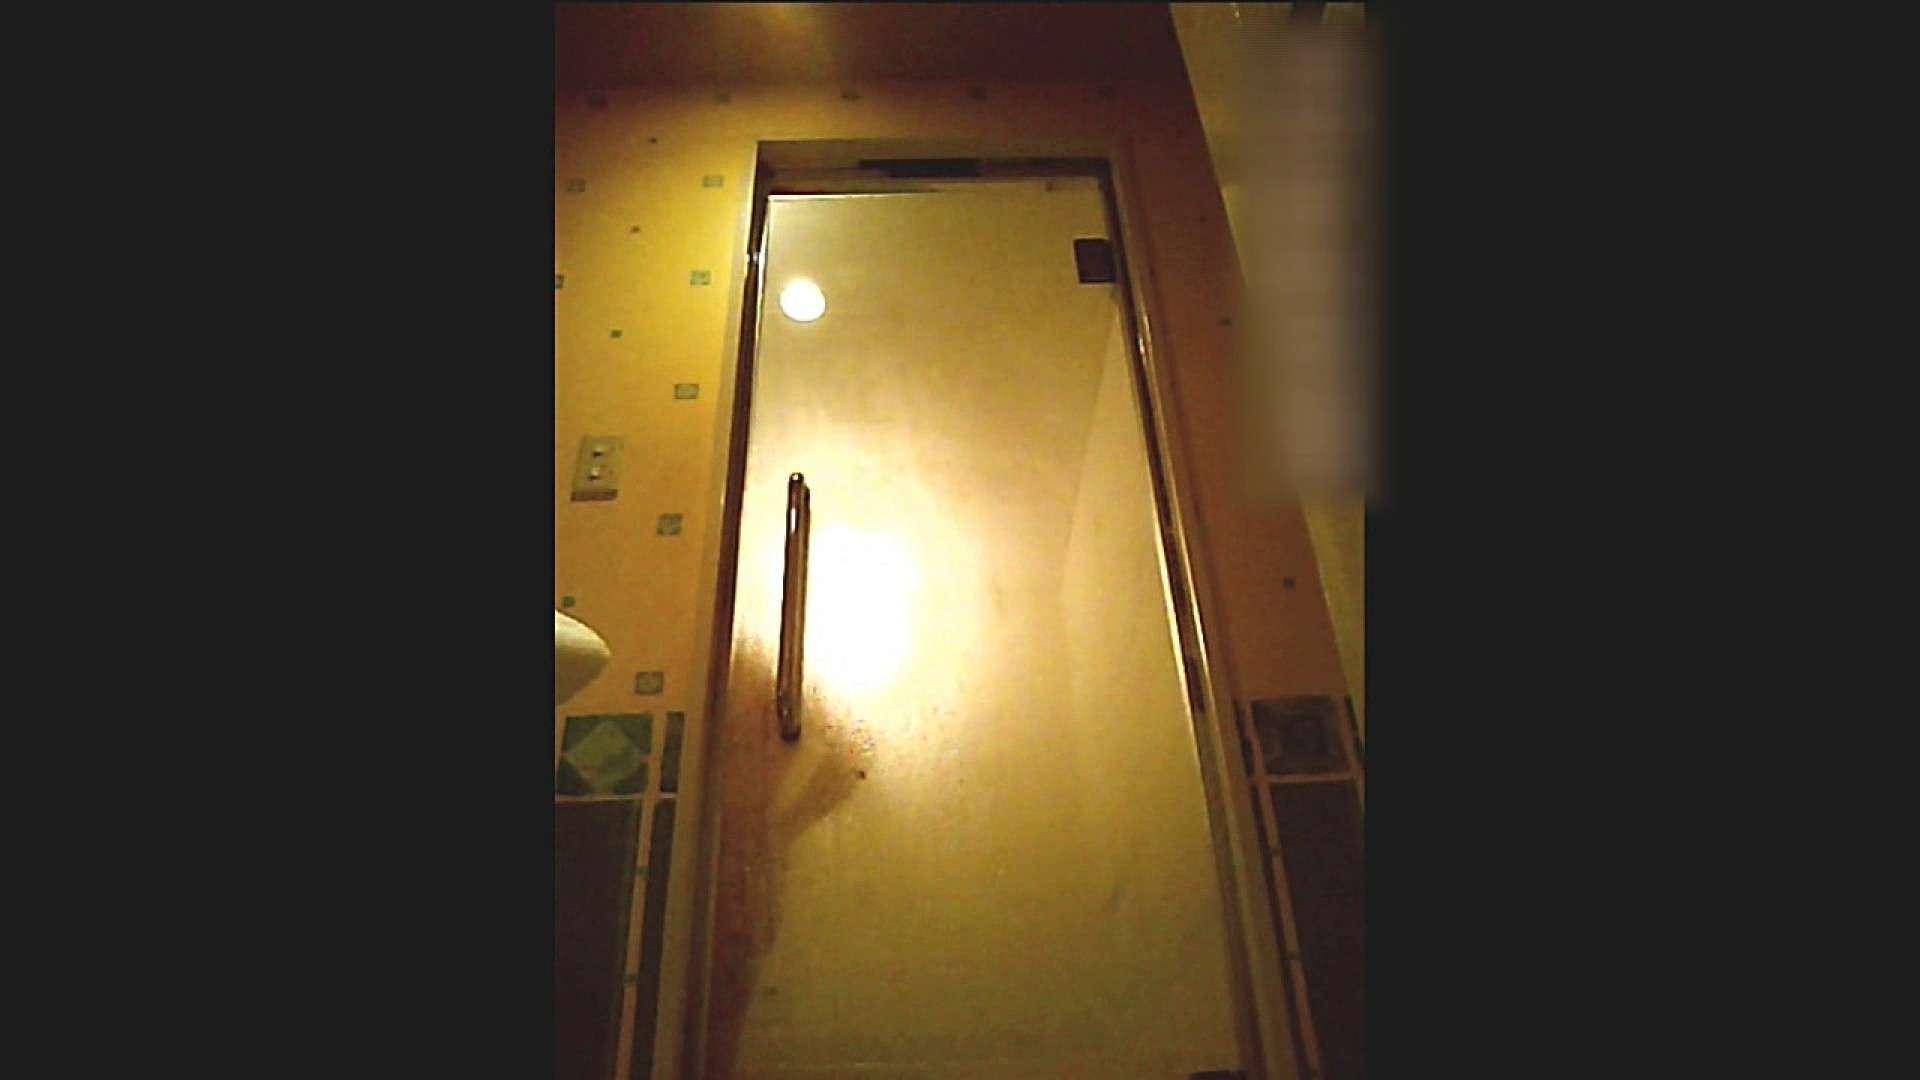 サークル女子の後輩 かなみちゃん Vol.04 シャワー室 | ギャルズ  30画像 26